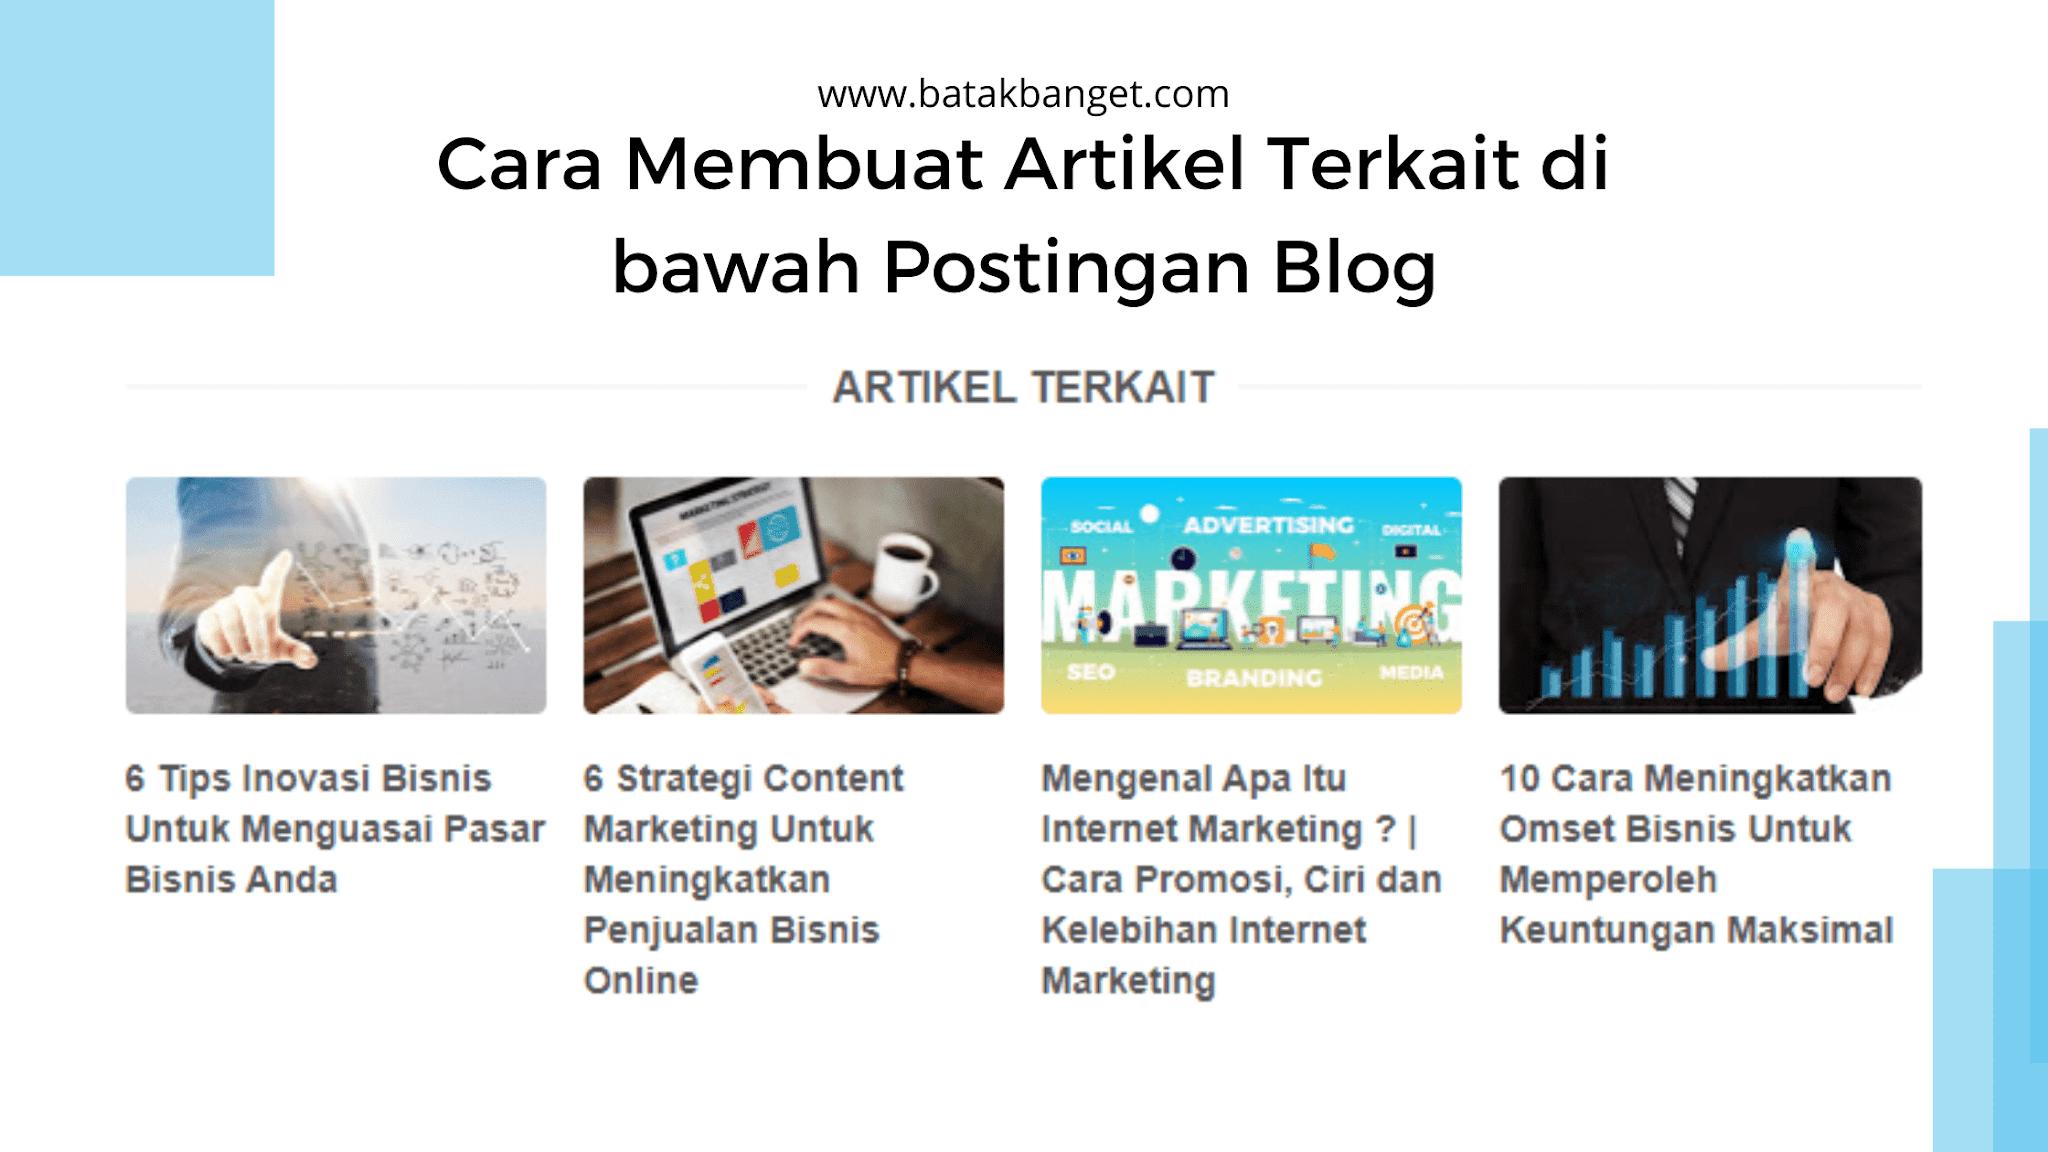 Cara Membuat Artikel Terkait Di Bawah Postingan Blog Https Ift Tt 3kn8241 In 2020 Blog Cara Blogger